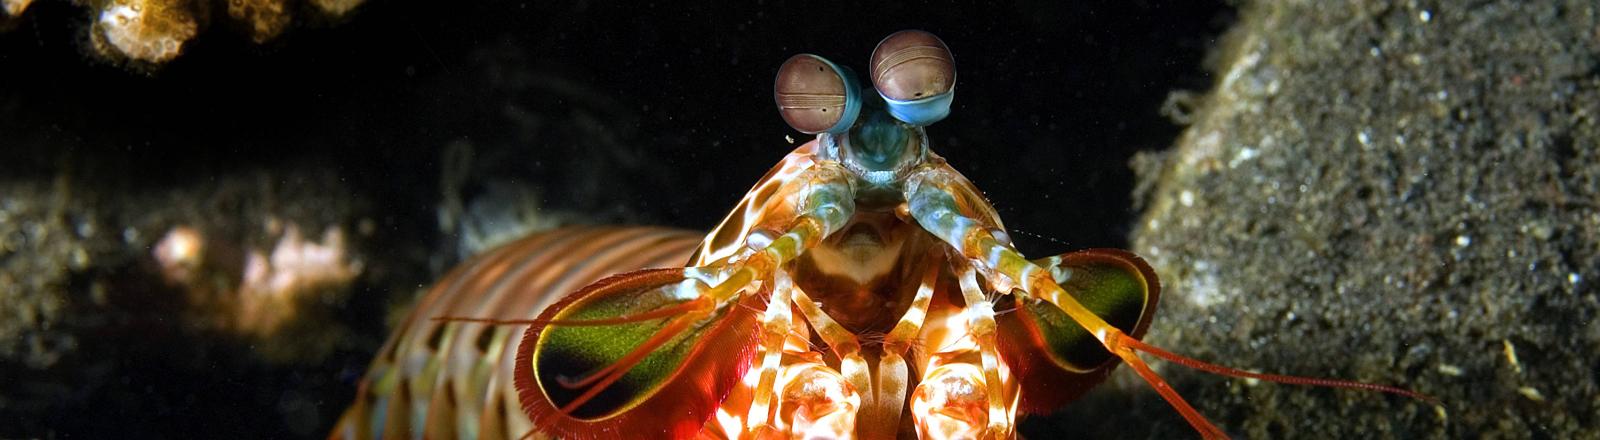 Ein bunter Fangschreckenkrebs in Indoniesien.